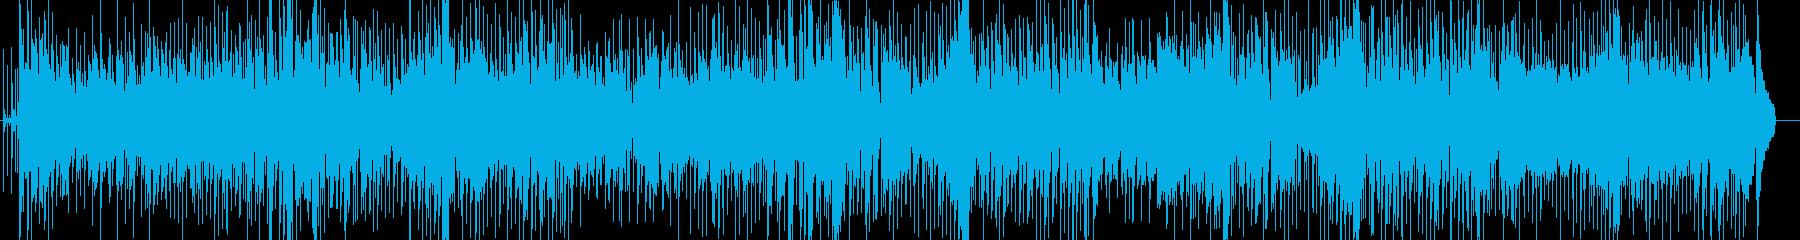 ホイコーロー定食の再生済みの波形